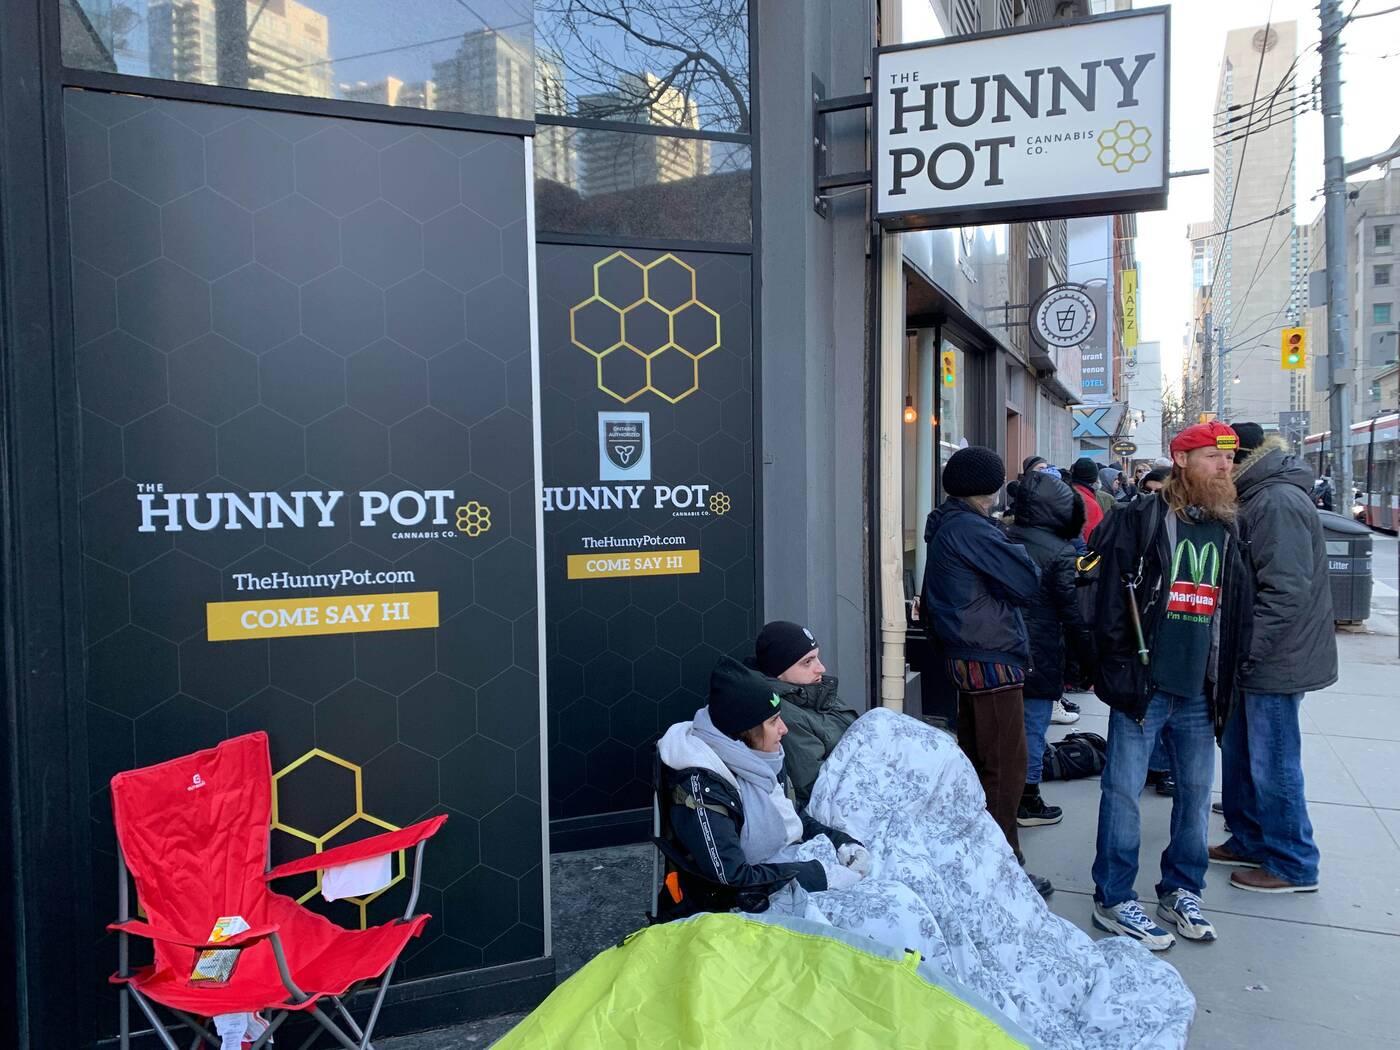 hunny pot cannabis